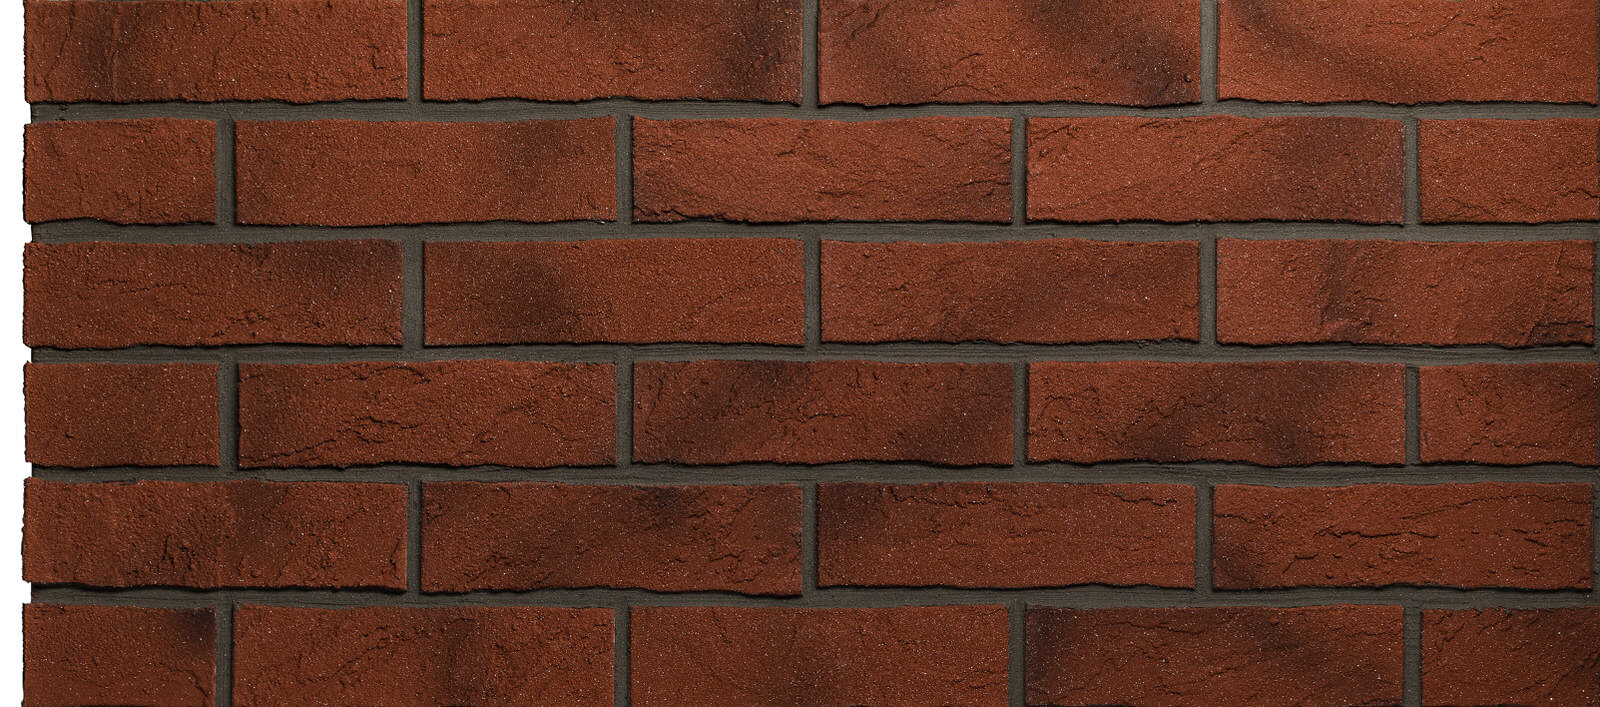 fasadinė plytelės, senos plytos imitacija